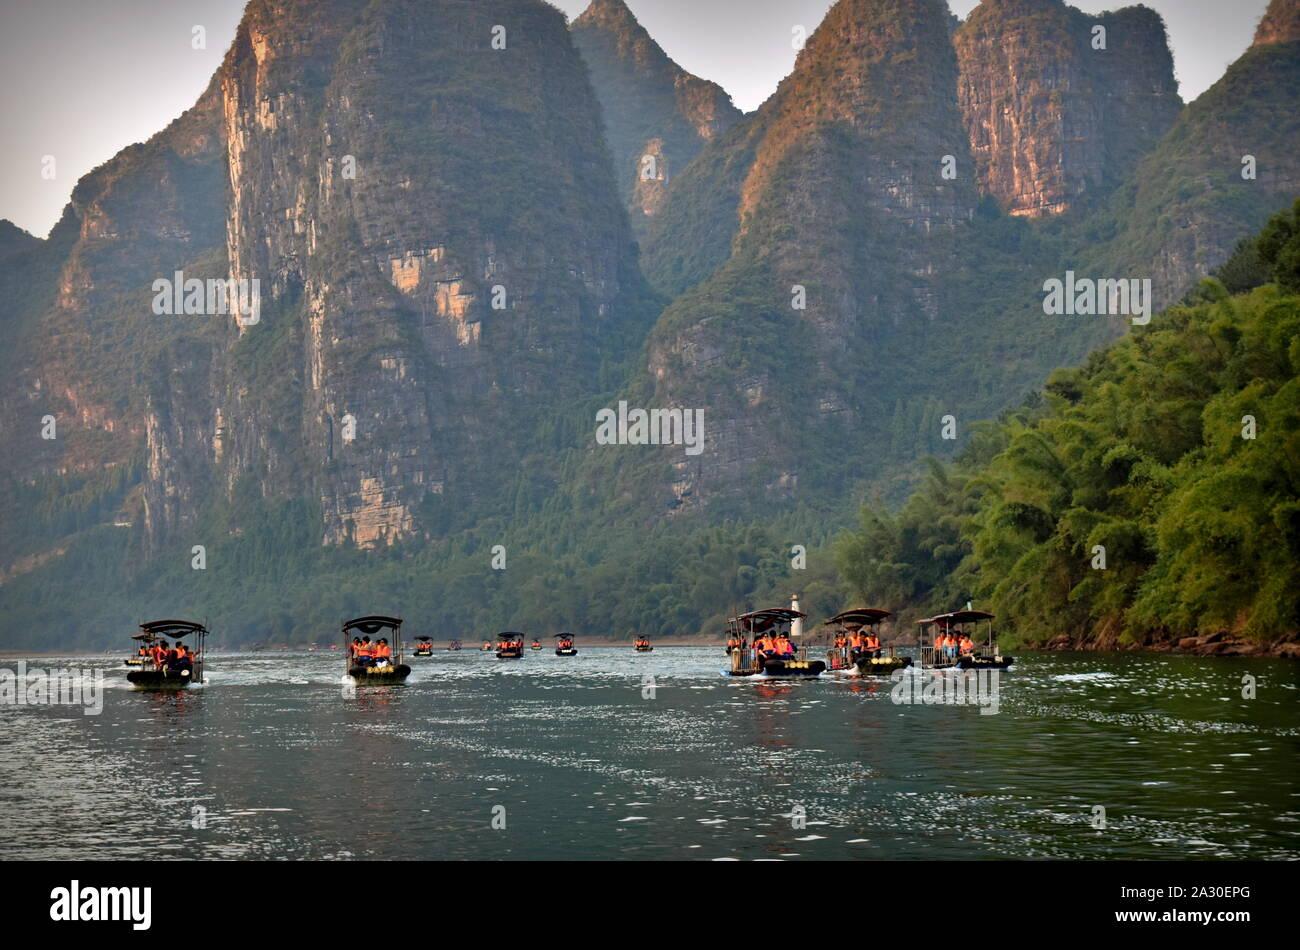 Parque del río Li lanchas turísticas debajo de altos picos montañosos, Guangxi, China Foto de stock